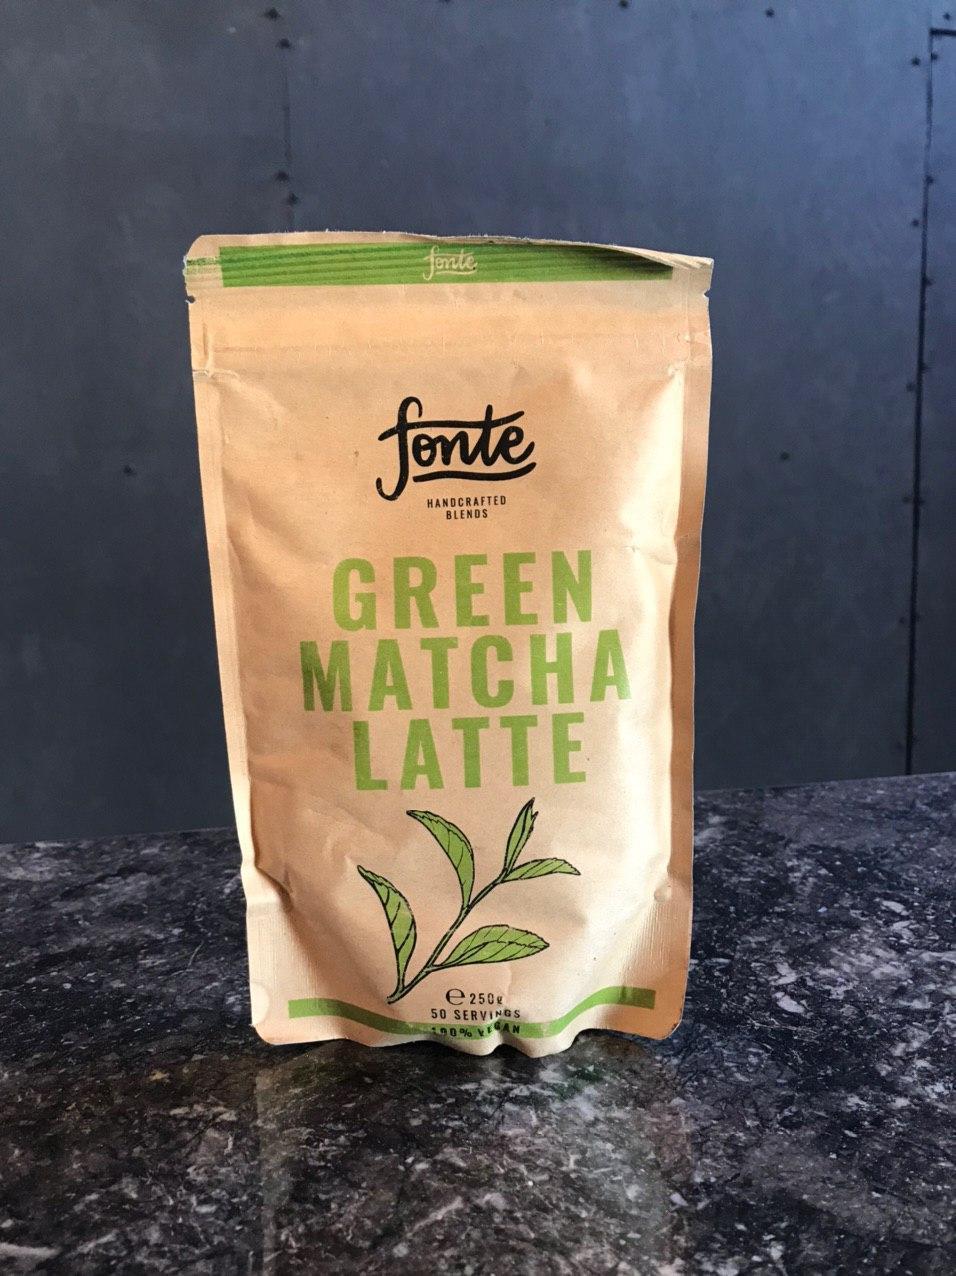 ЗЕЛЕНИЙ МАТЧА ЛАТТЕ Fonte Green Matcha Latte 250g. РАСТВОРИМОЕ КОФЕ ОПТ РОЗНИЦА